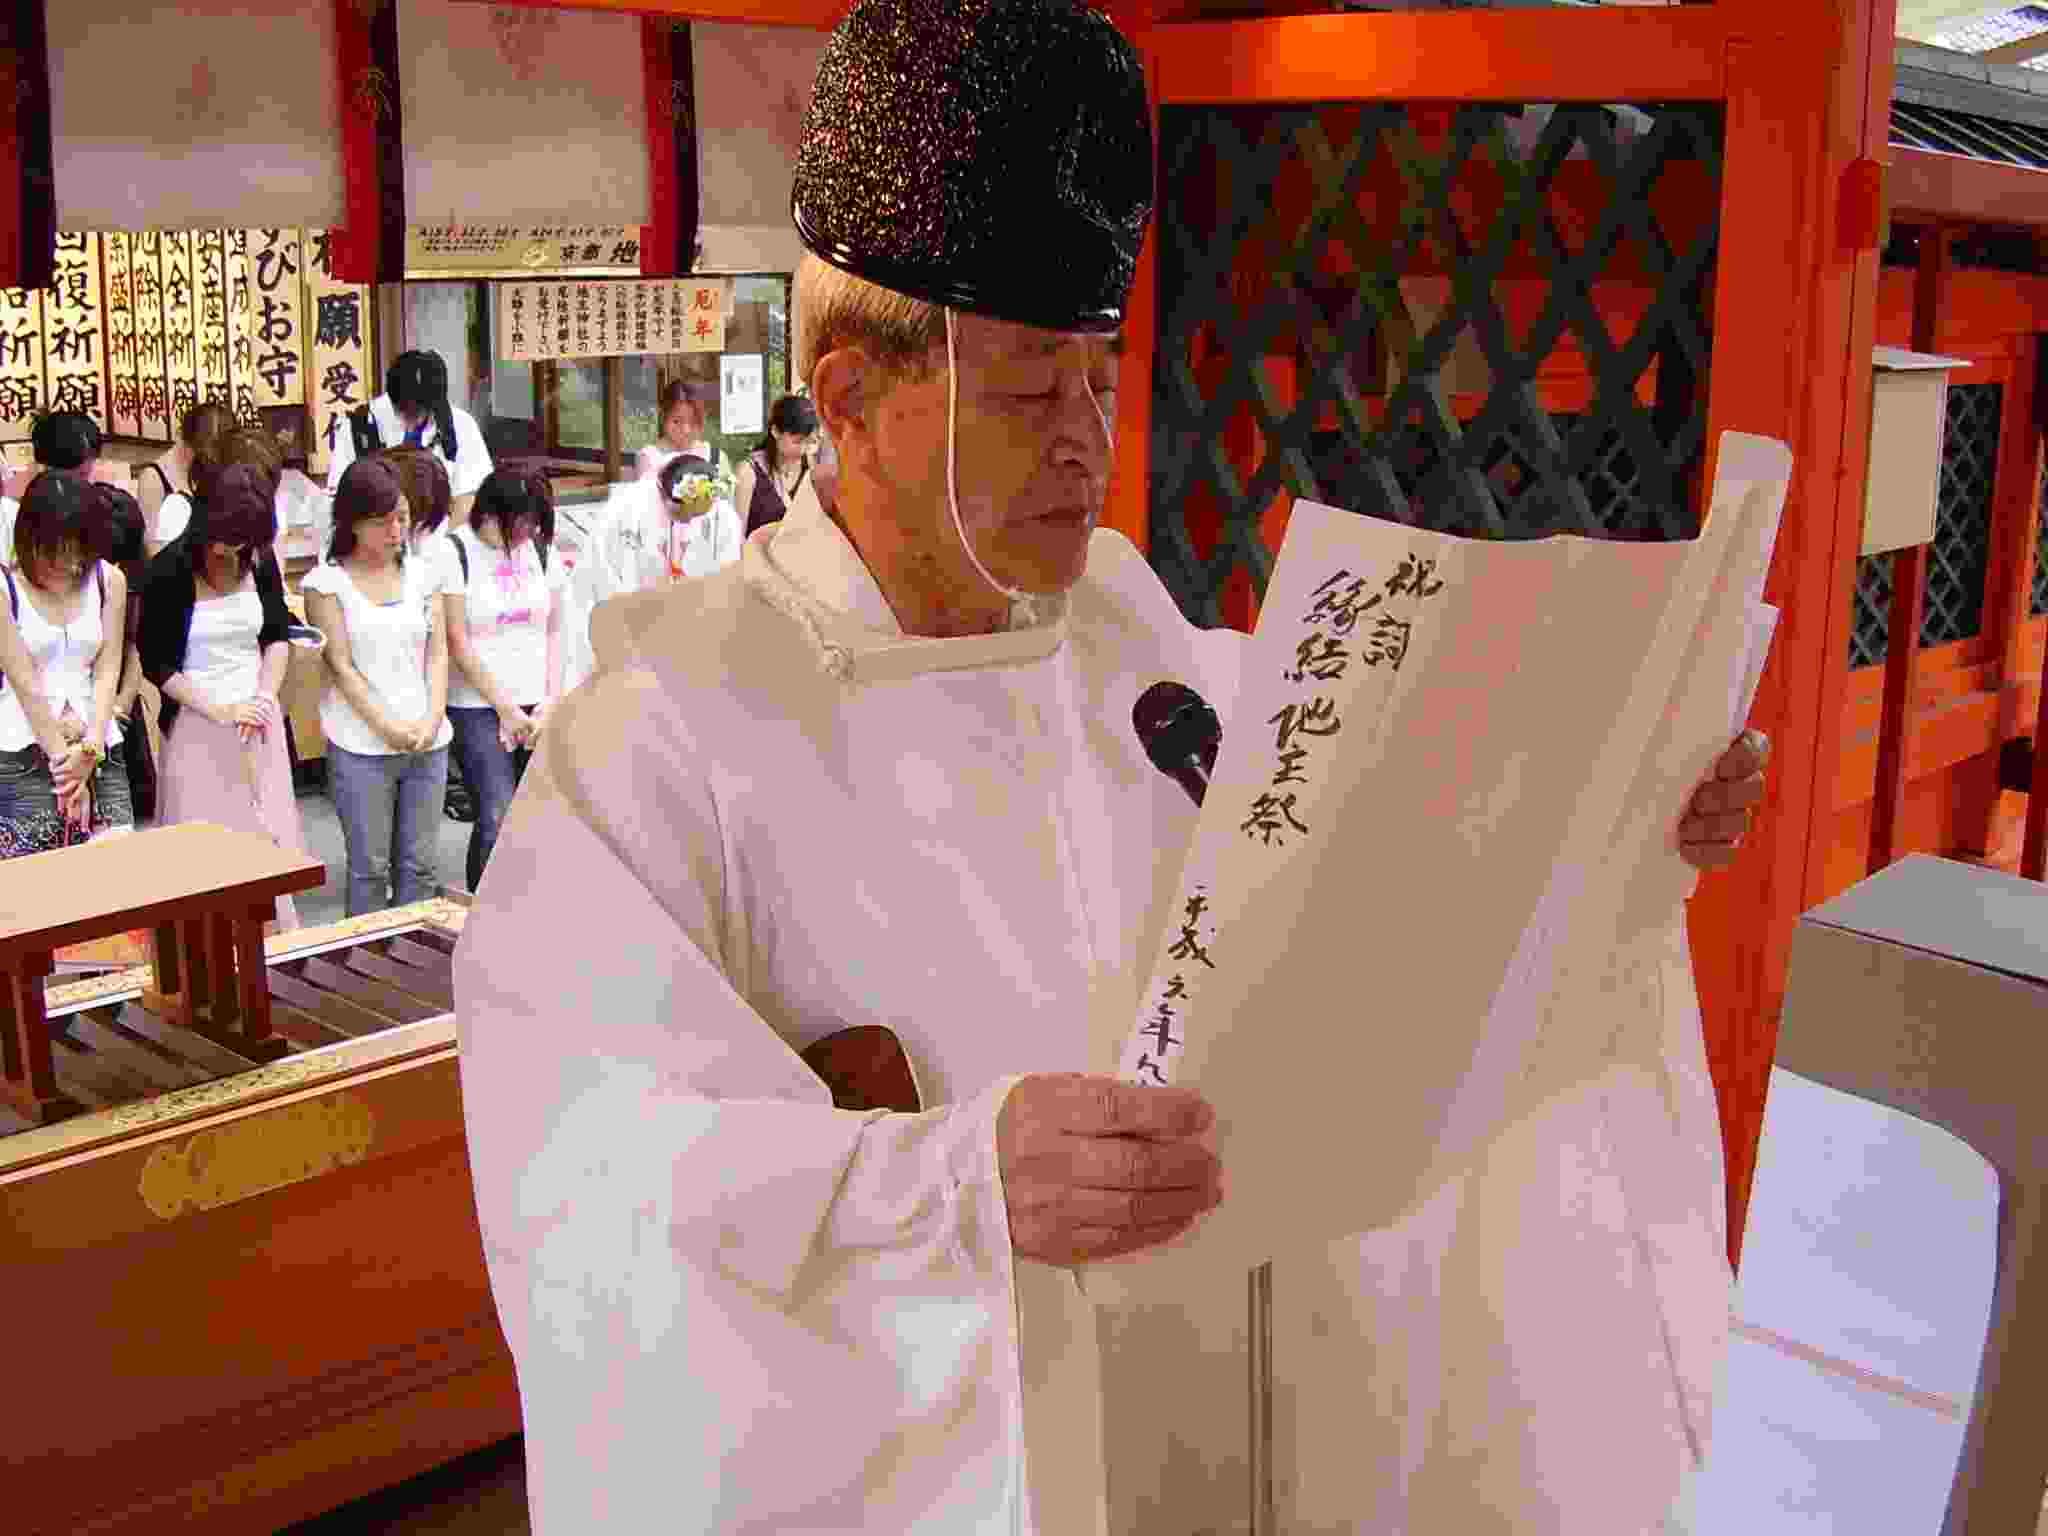 えんむすび地主祭り 宮司祝詞奏上 京都地主神社